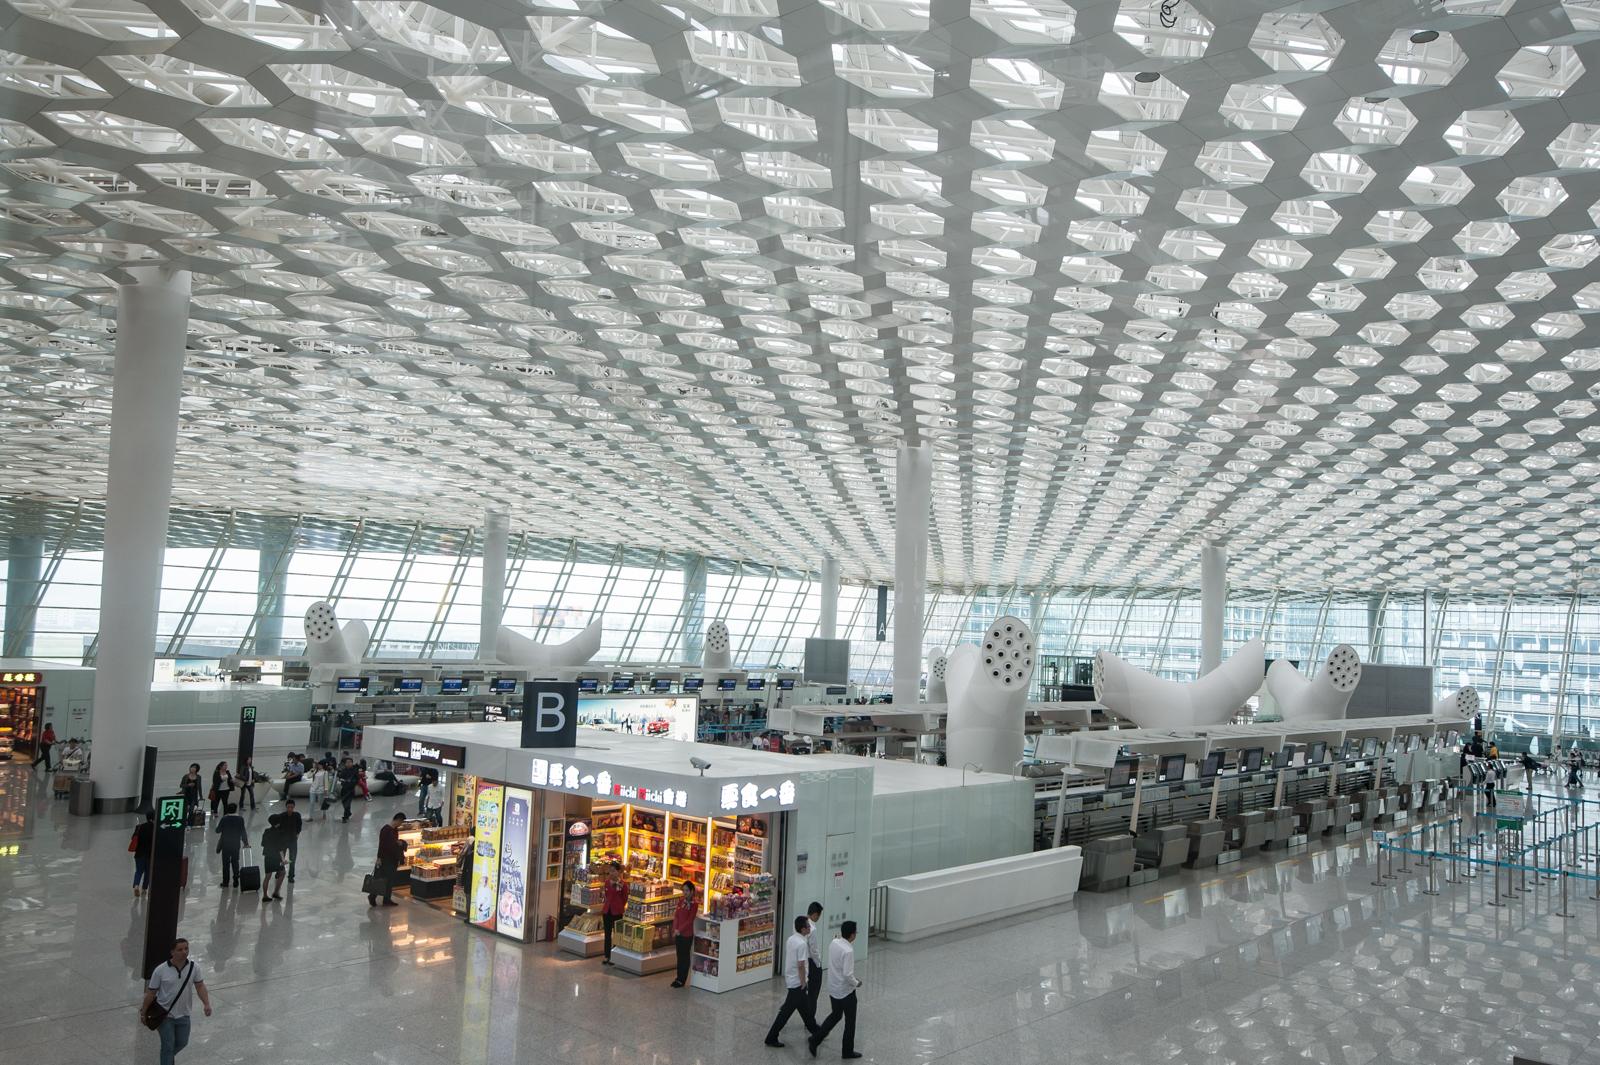 Shenzhen Bao'an International Airport #1